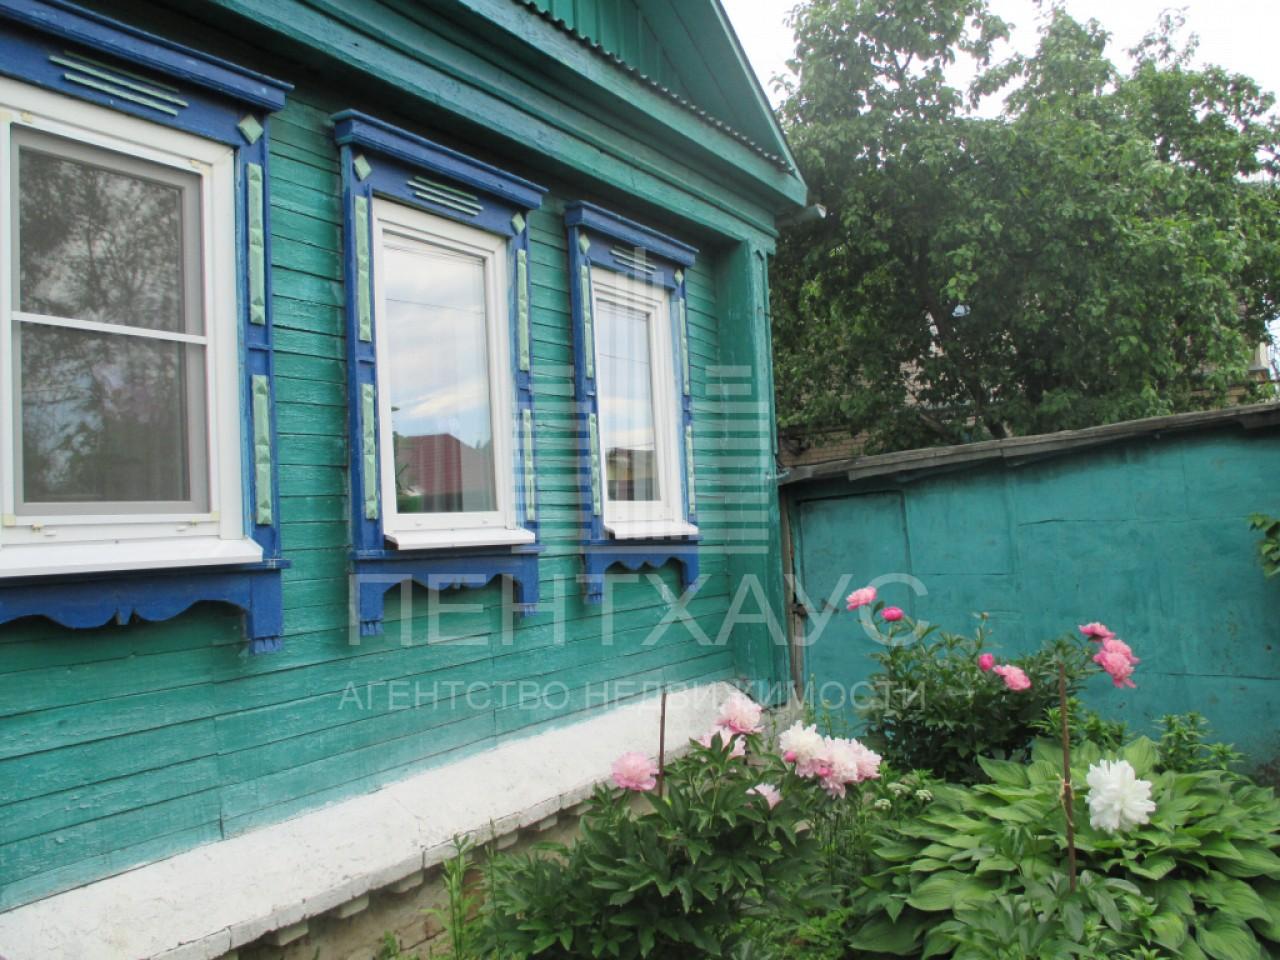 г. Владимир, 1-я Линия ул., дом деревянный с участком 6.00 сотка на продажу